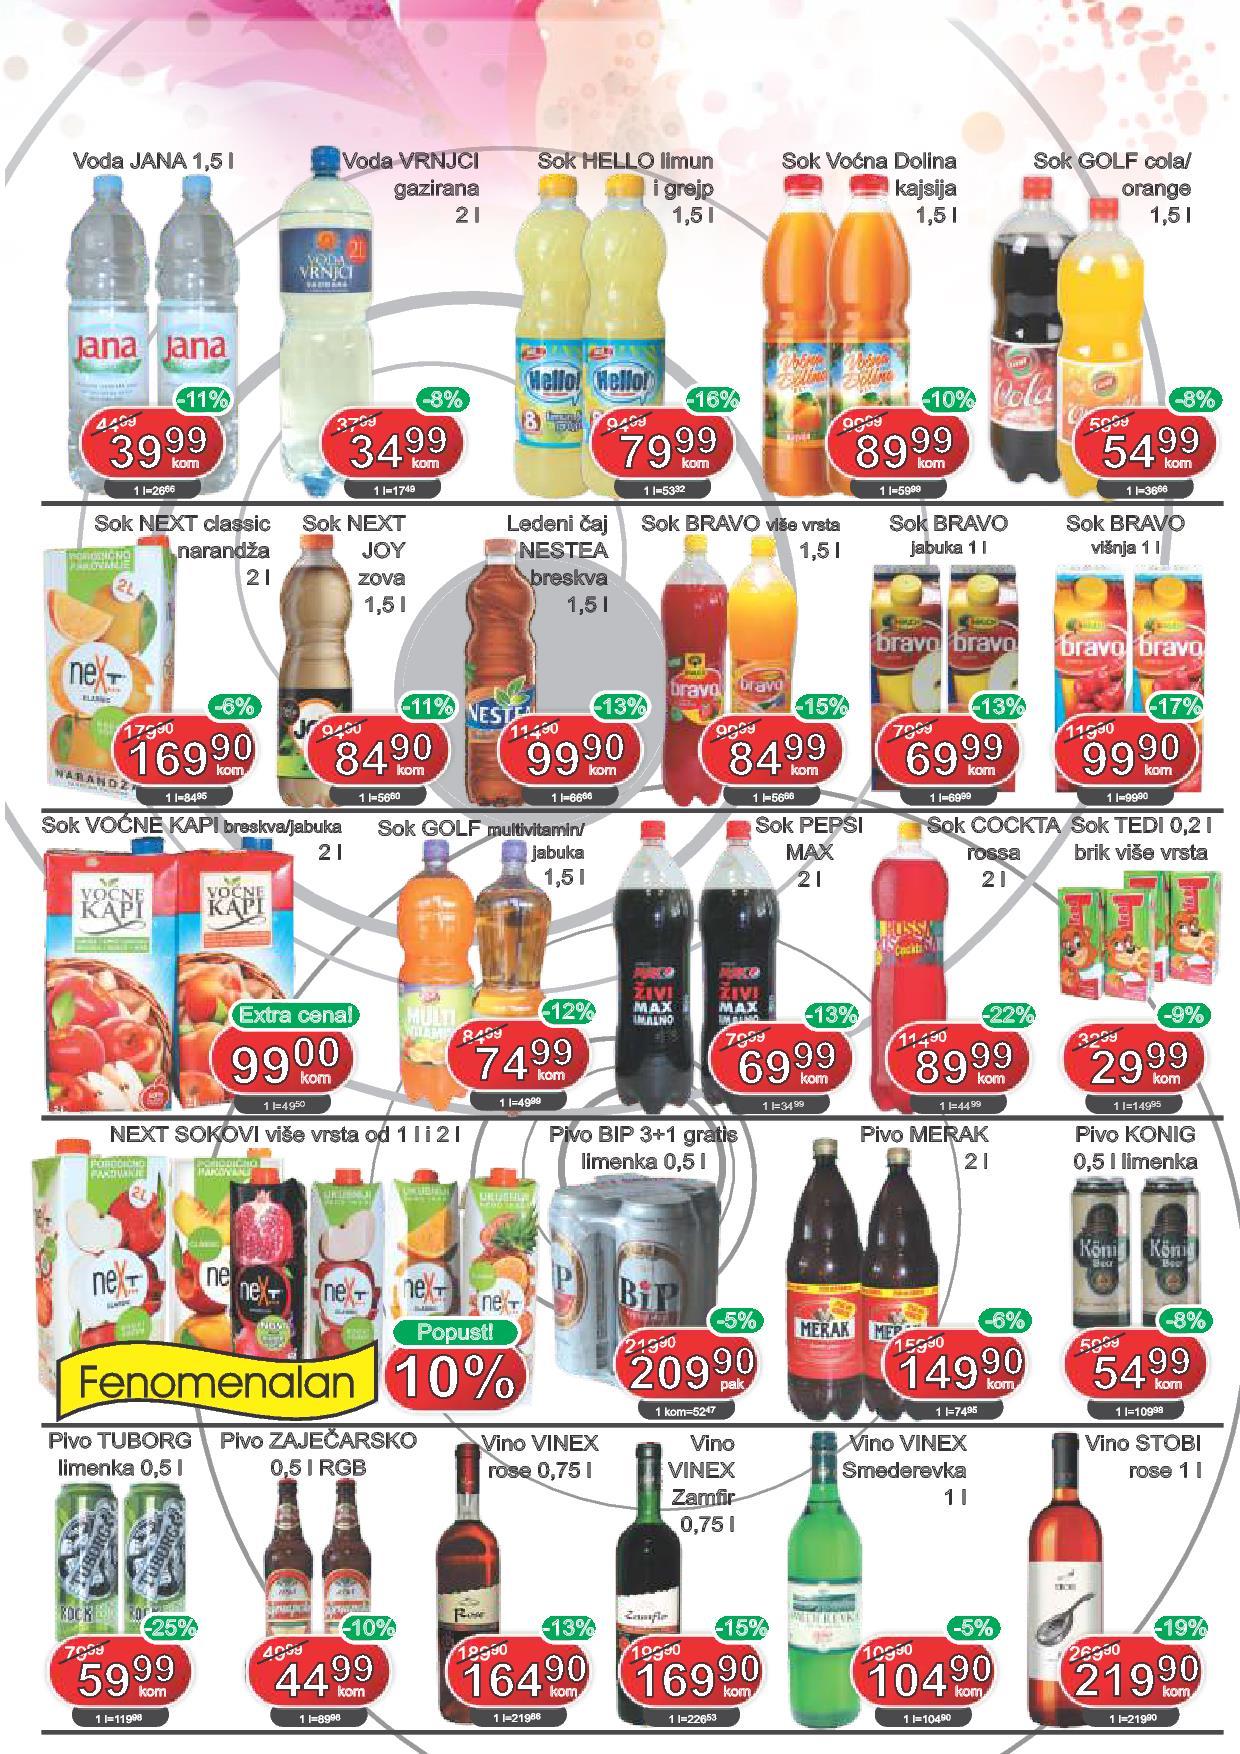 Fortuna market akcija super cena